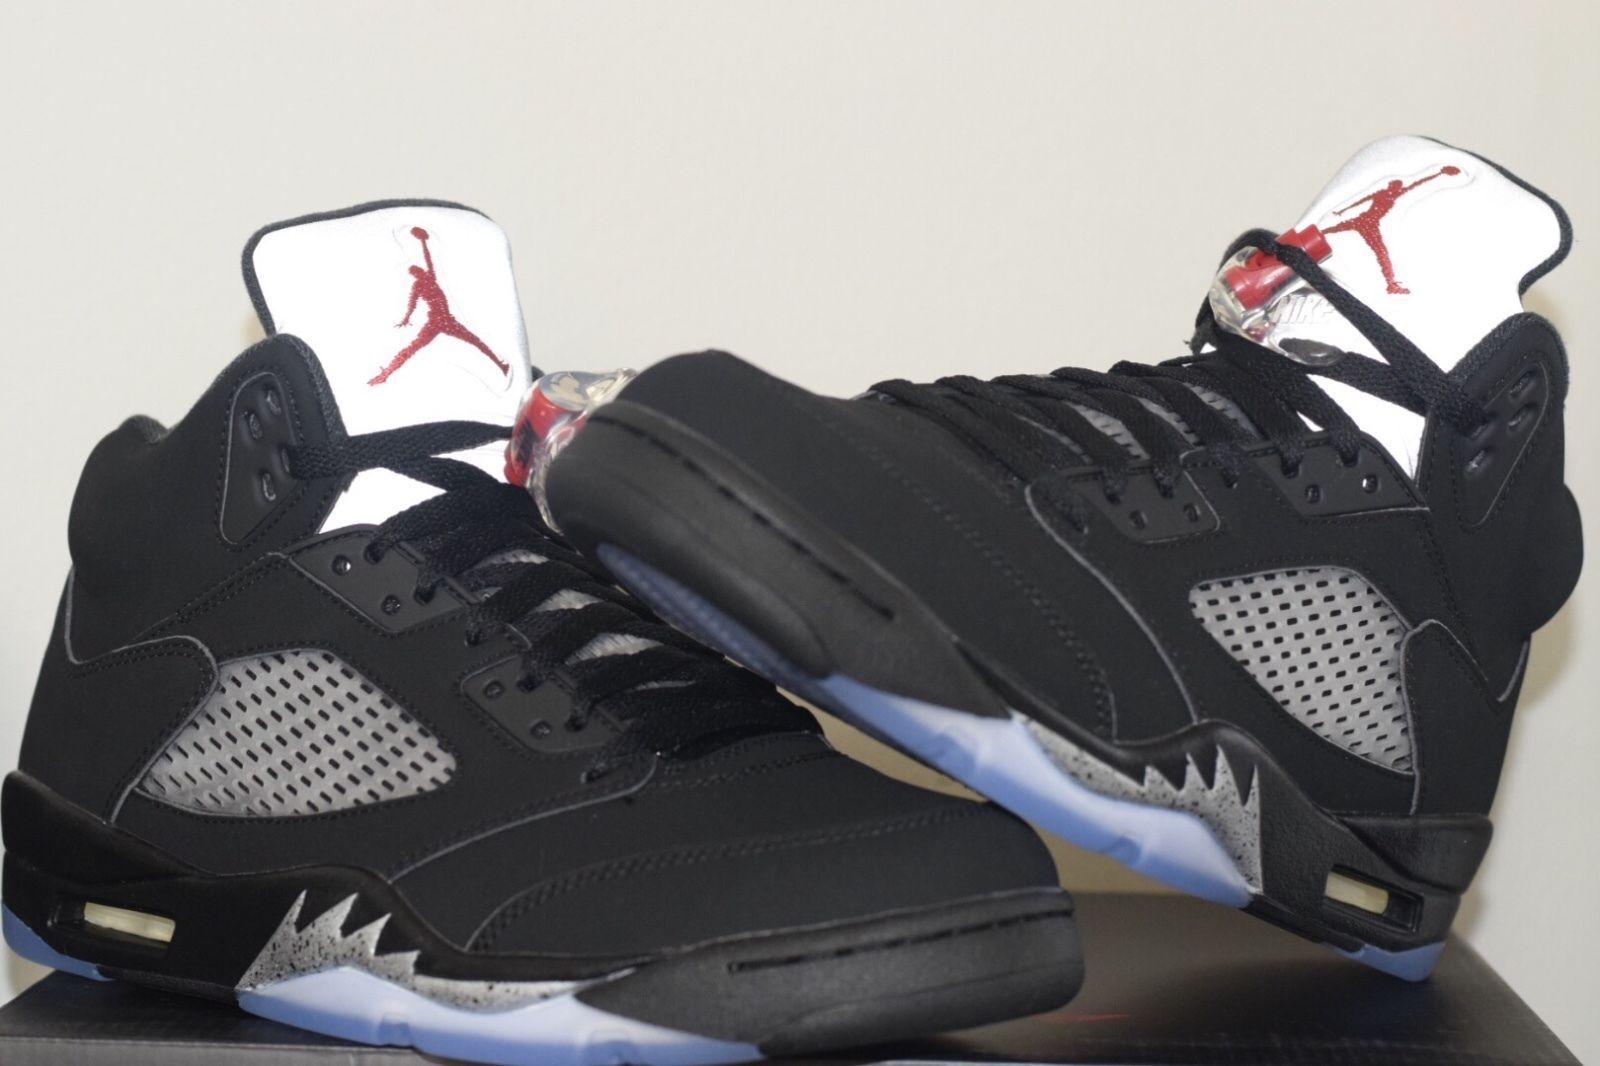 5ddaf3c3cc8 2016 Nike Air Jordan 5 V Retro OG Black Metallic Silver Size 11 ...